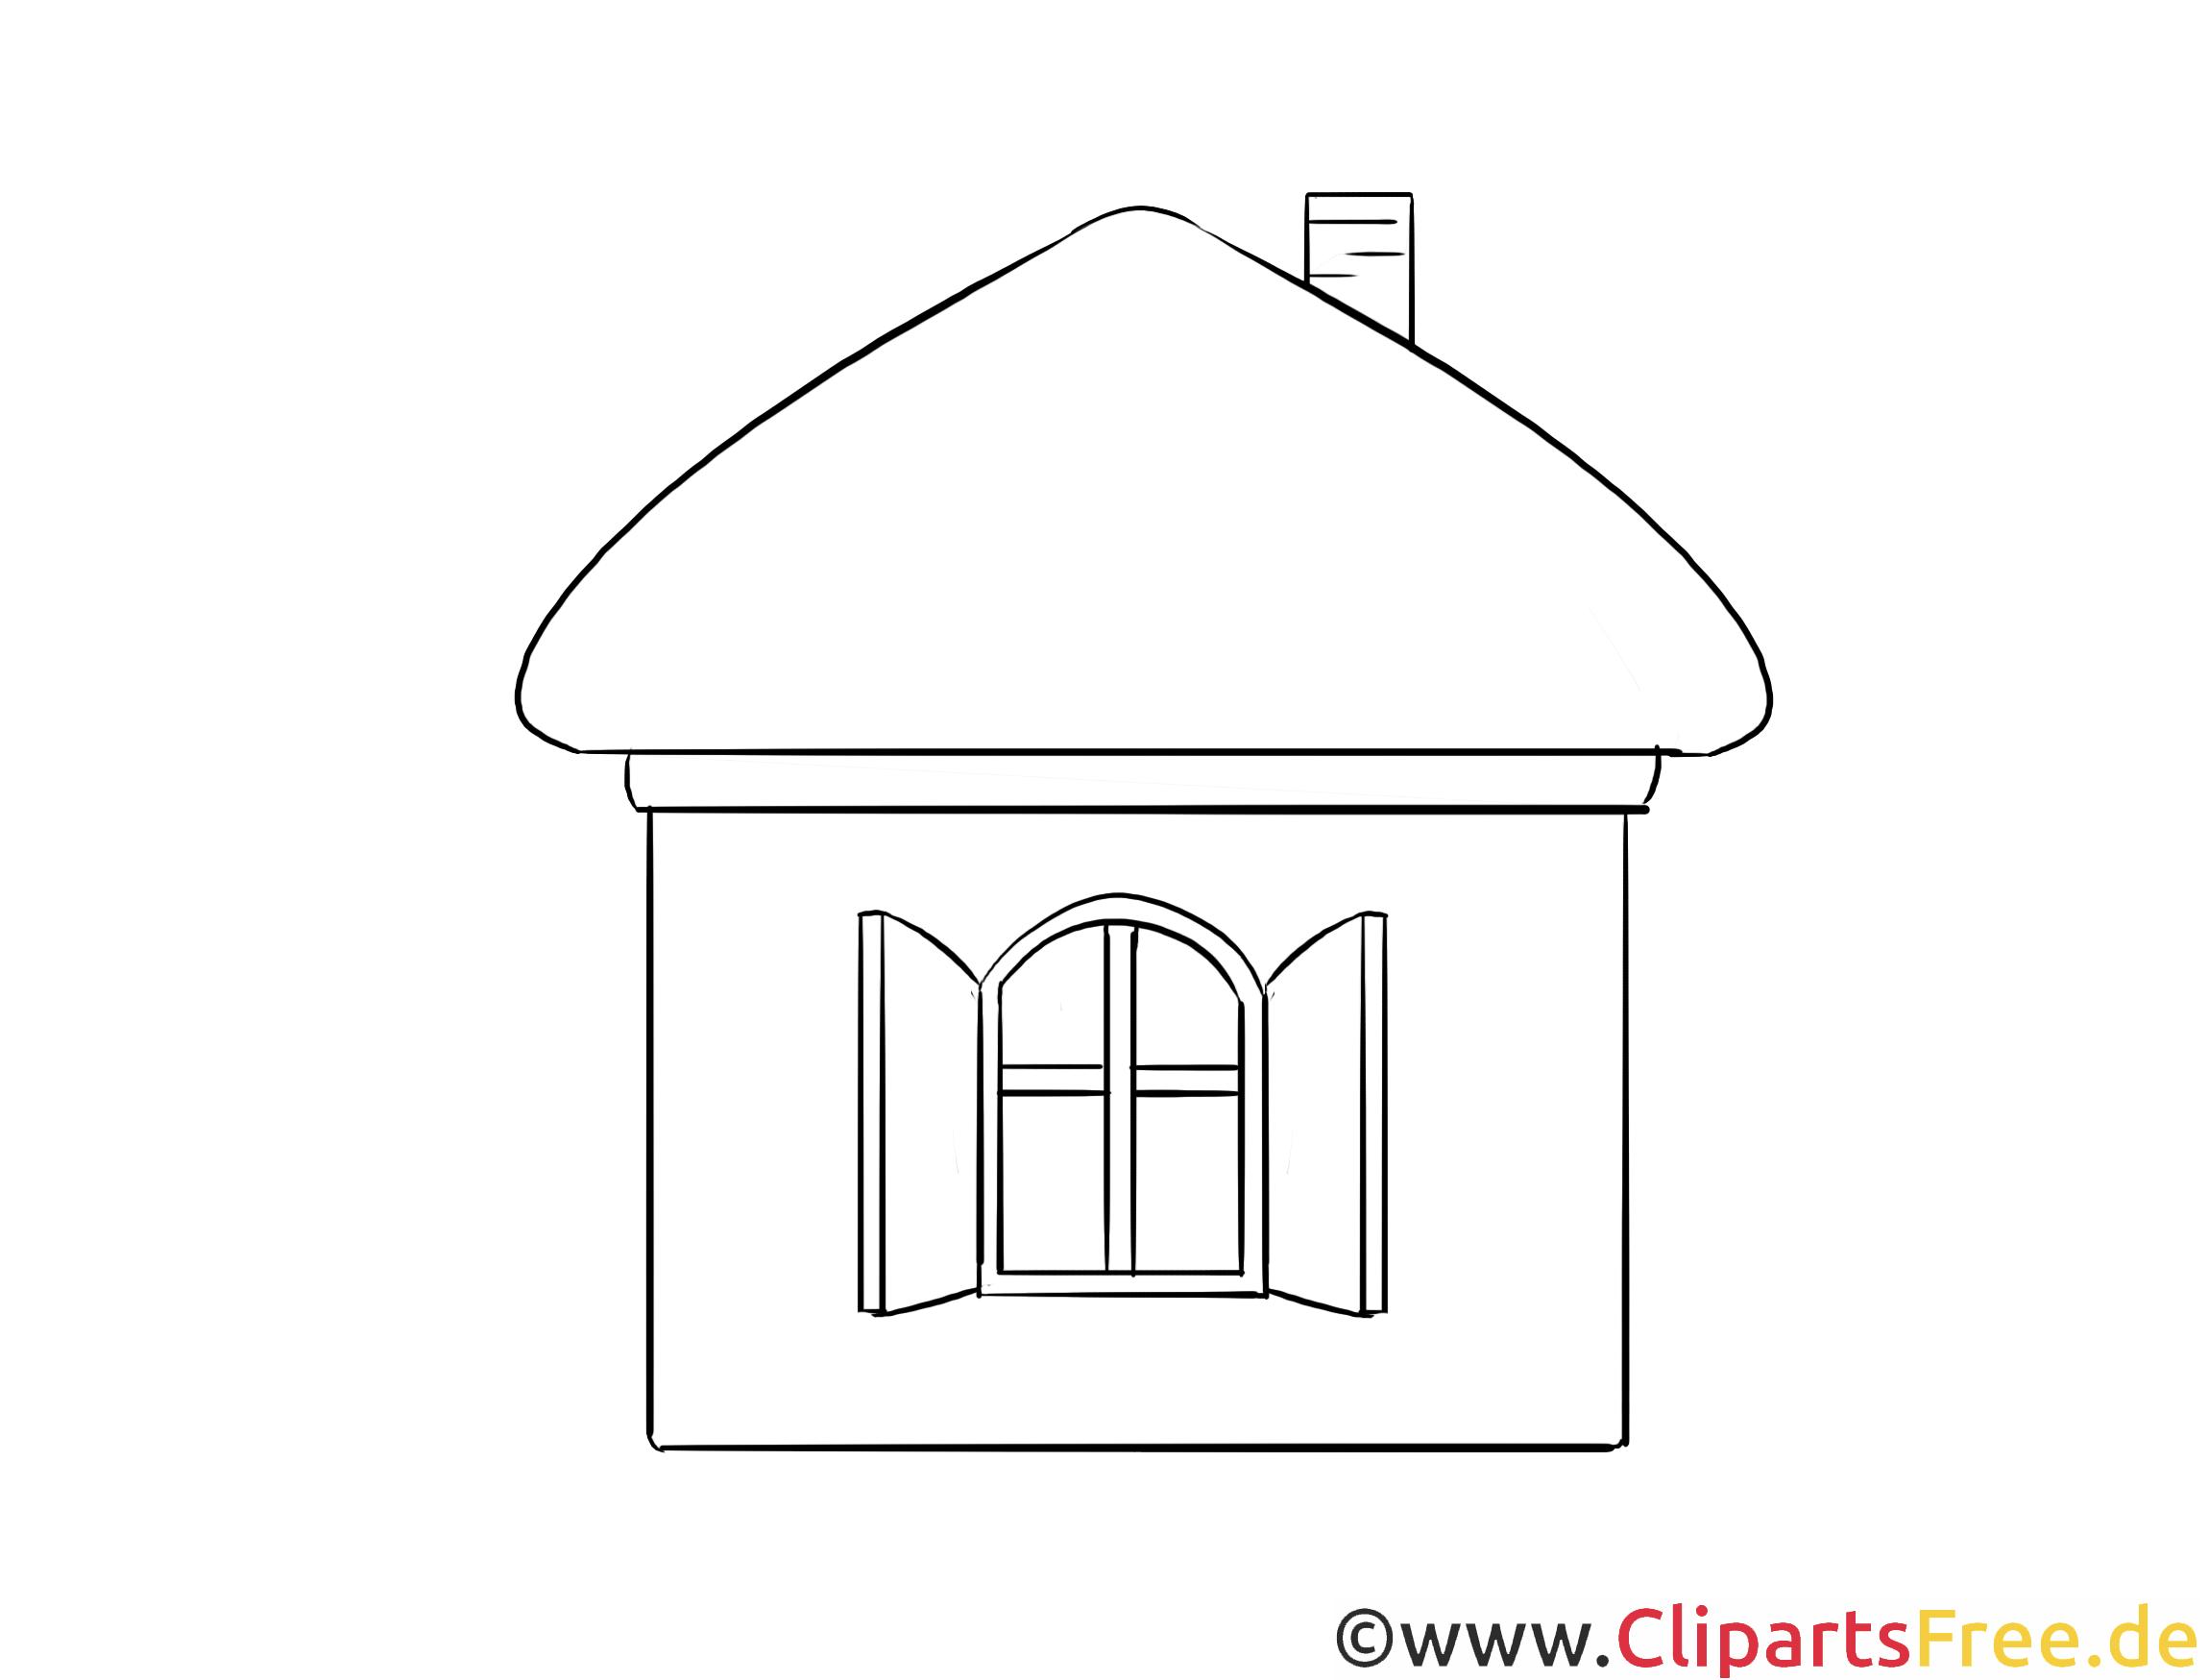 Schön Gebäude Baubetrieb Lebenslauf Galerie - Bilder für das ...